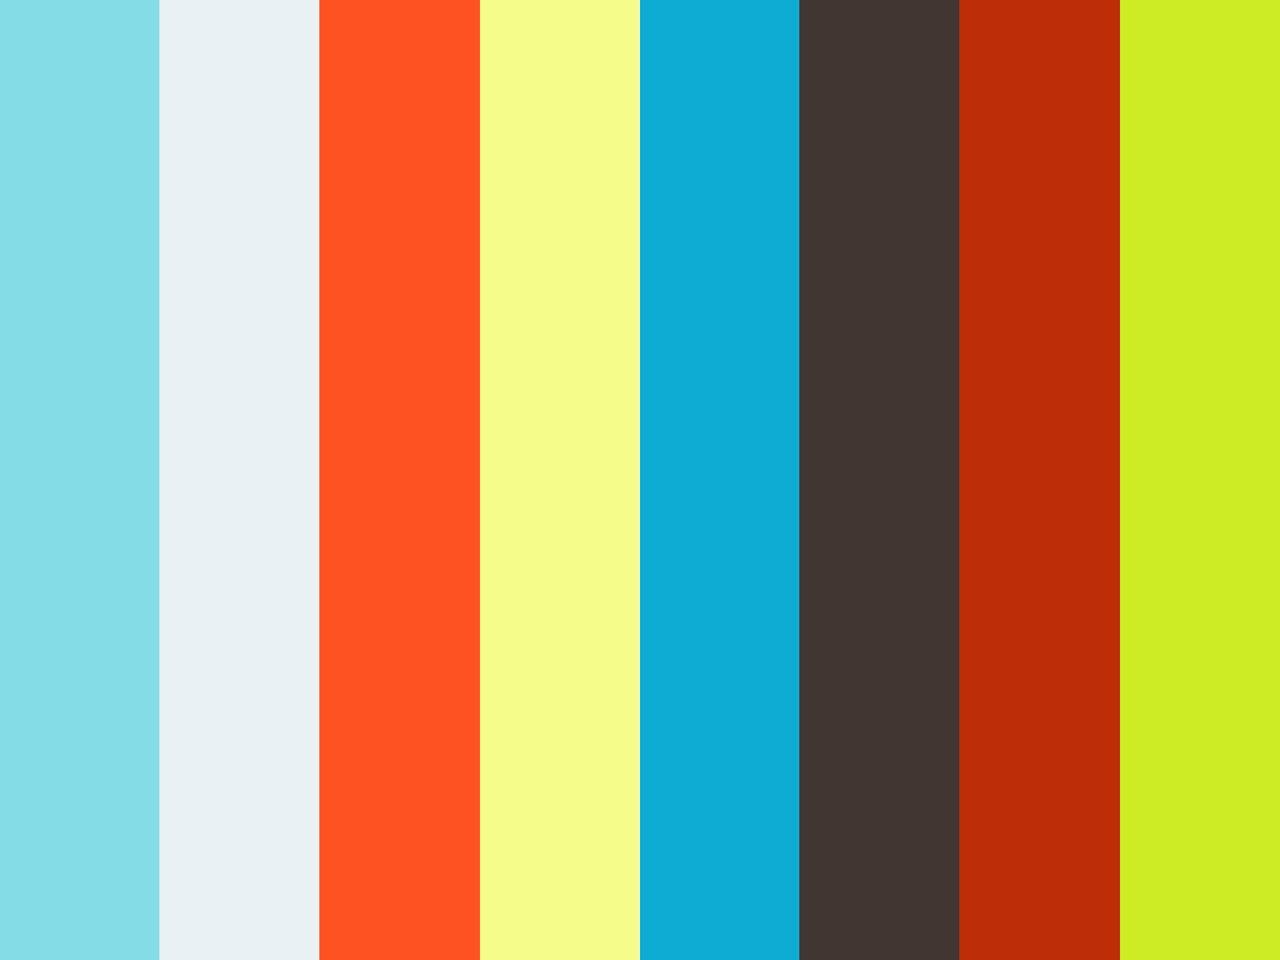 01-07-18 Sunday Service - Relational Intelligence - Yellow - I